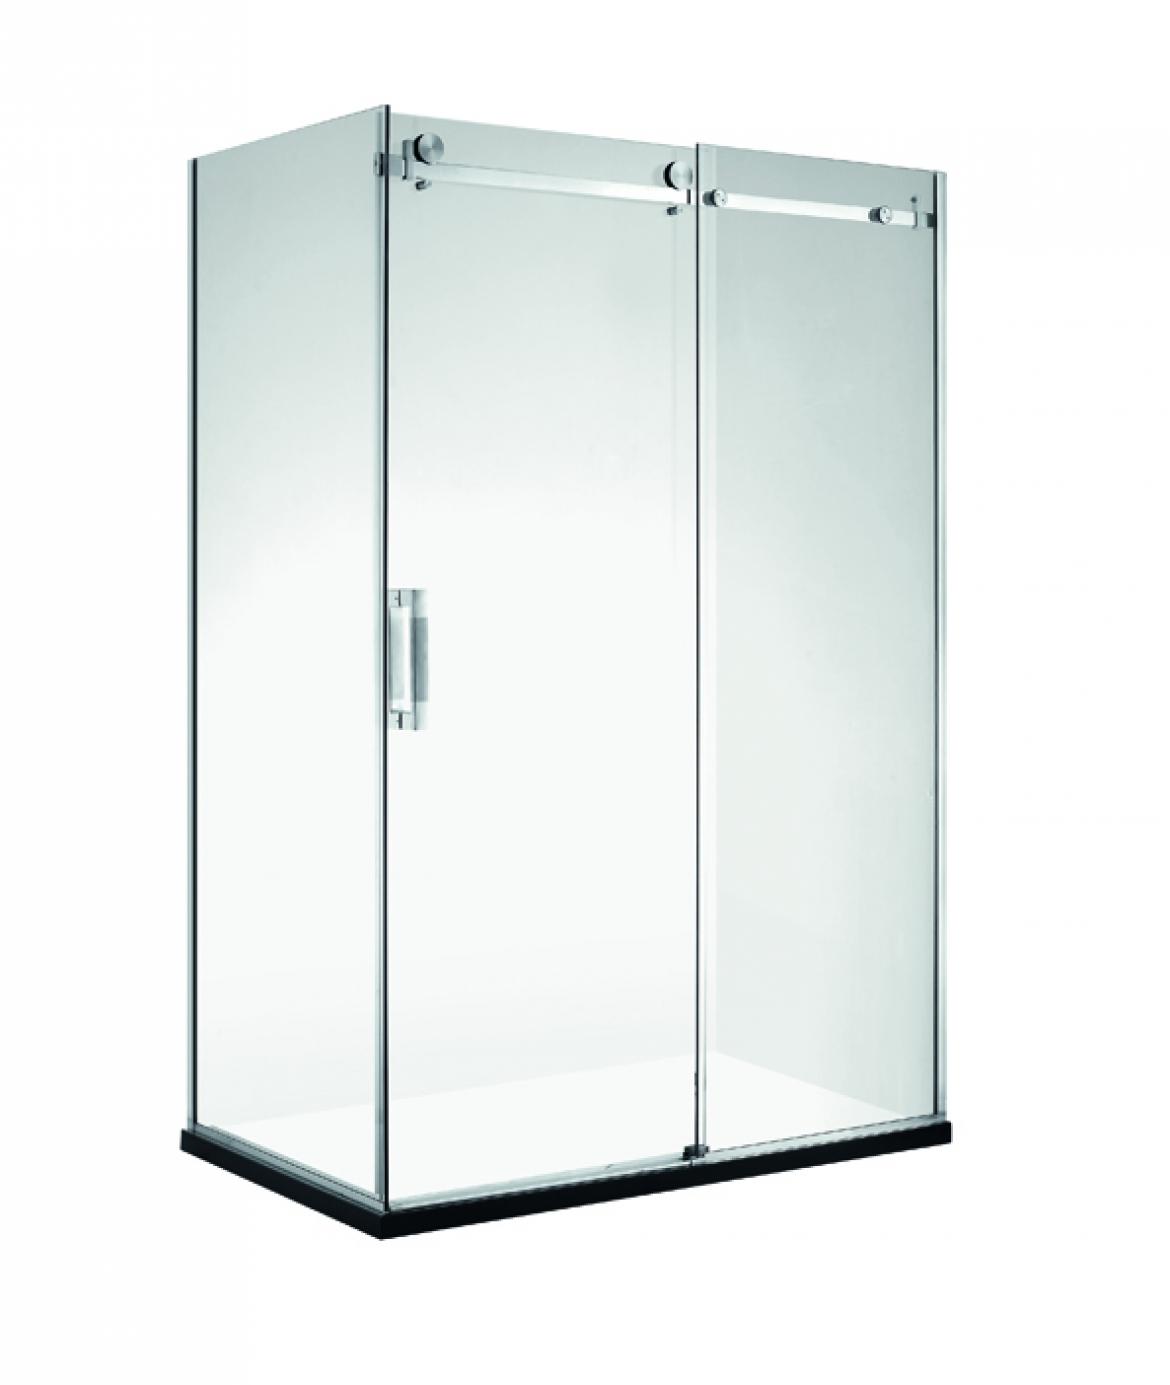 frameless shower screen [sliding door]